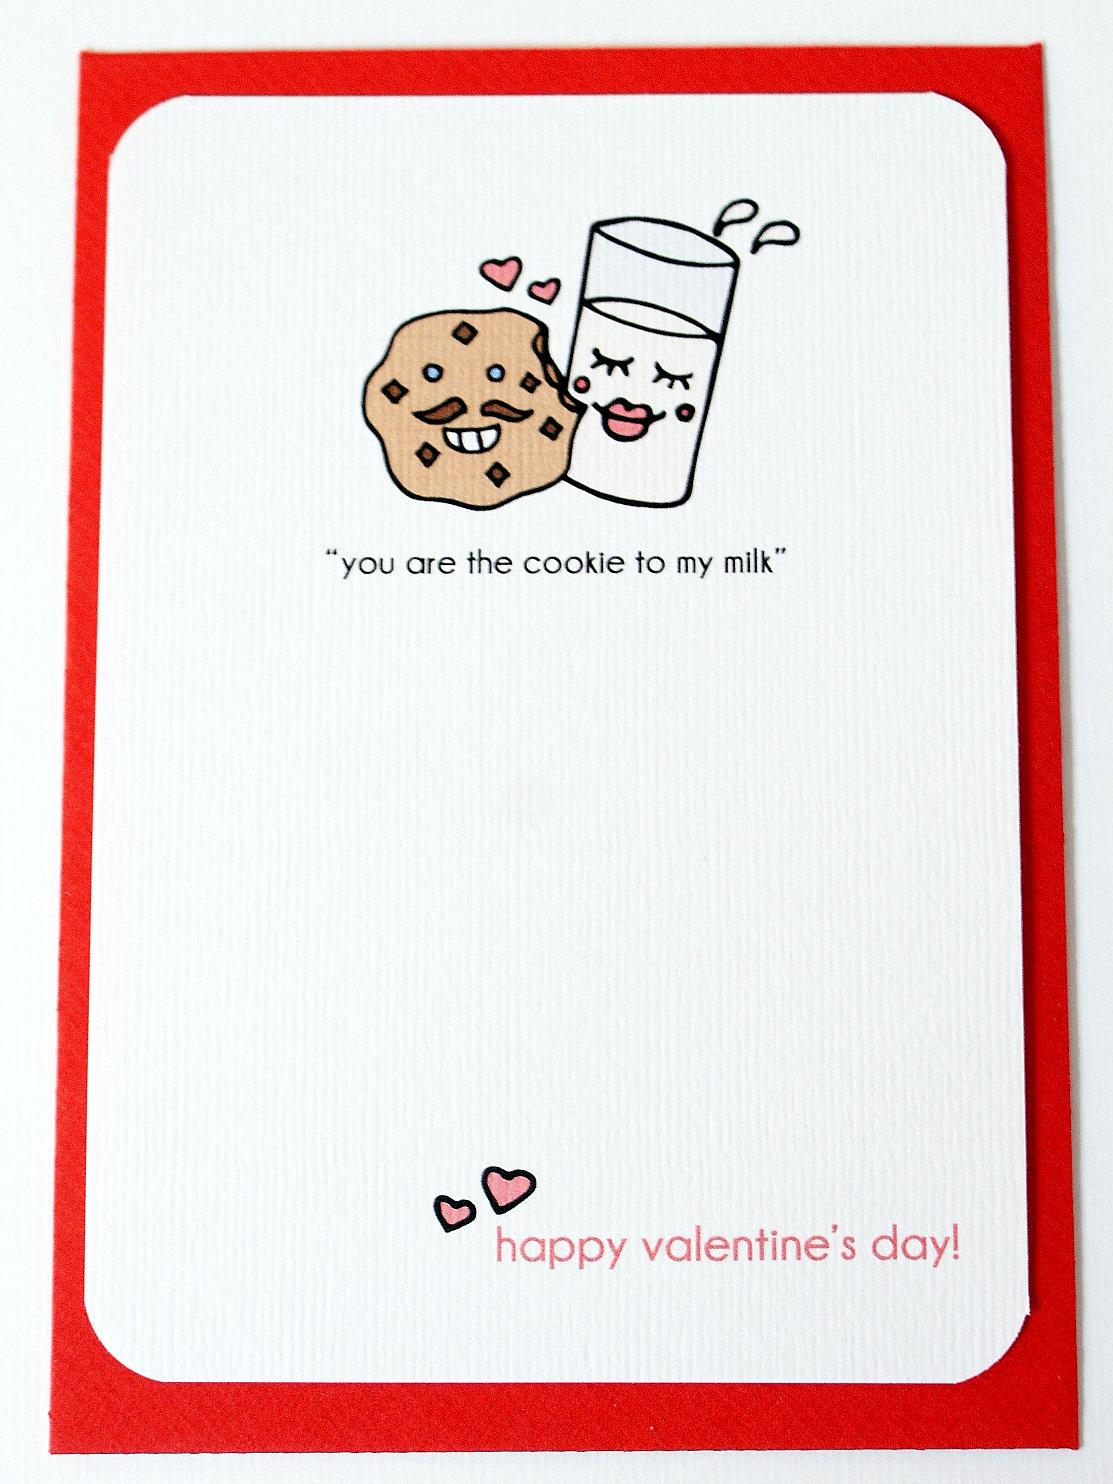 funny valentine messages for friends valentine jinni. Black Bedroom Furniture Sets. Home Design Ideas